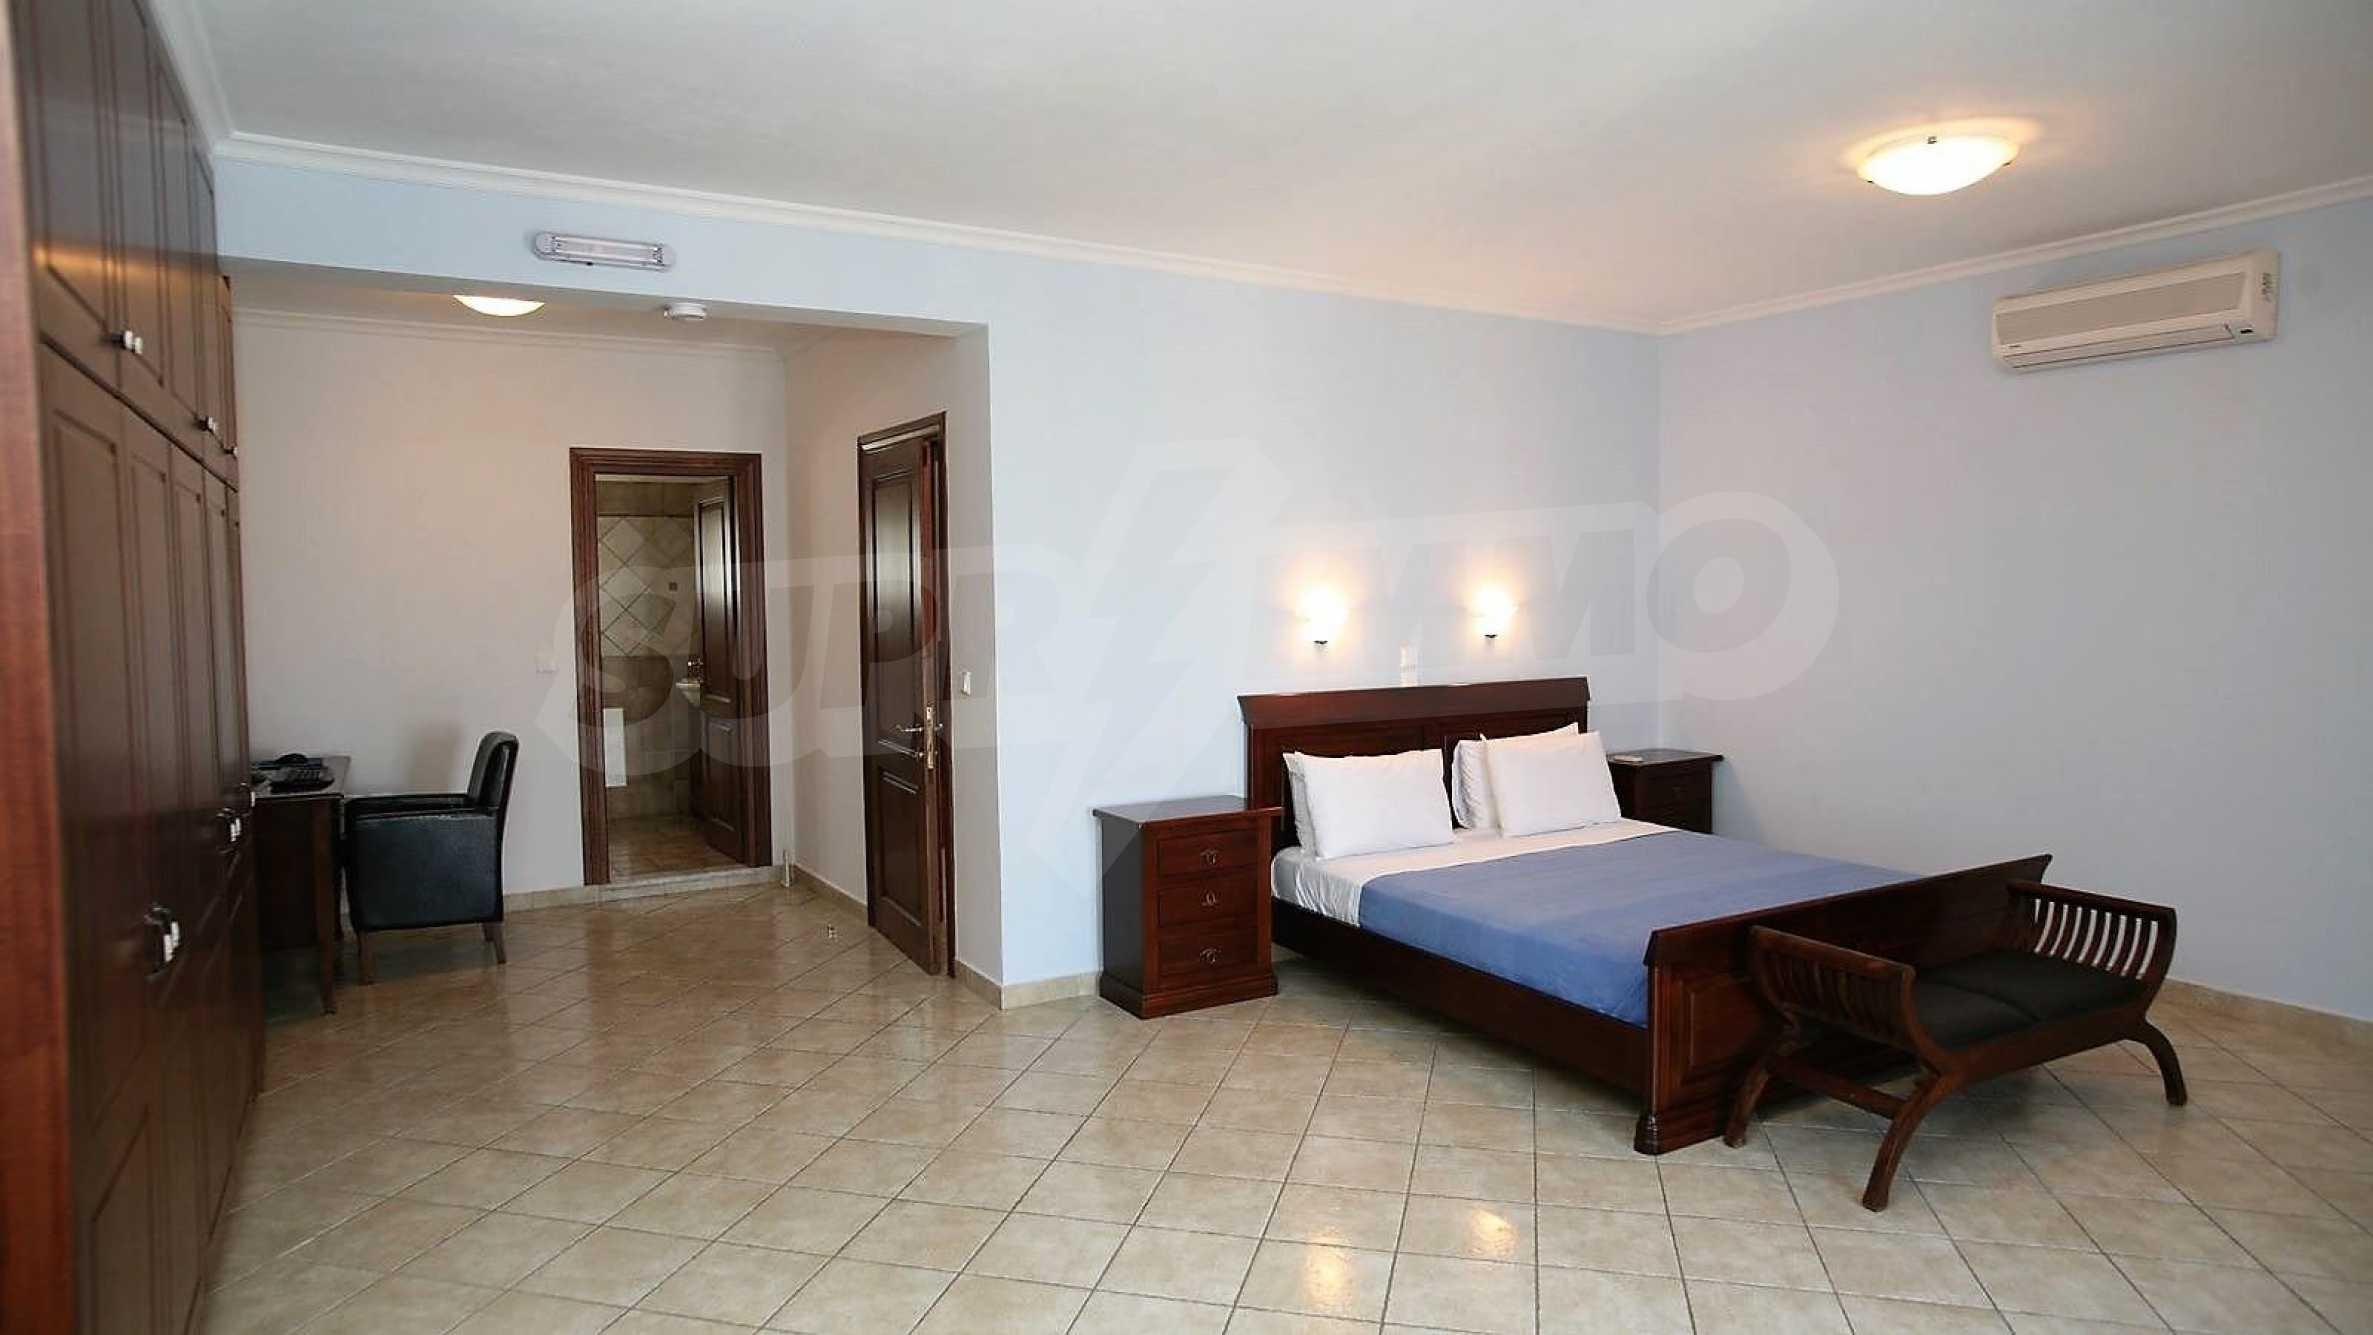 Превъзходна резиденция с достъп до девствен залив, остров Корфу 11